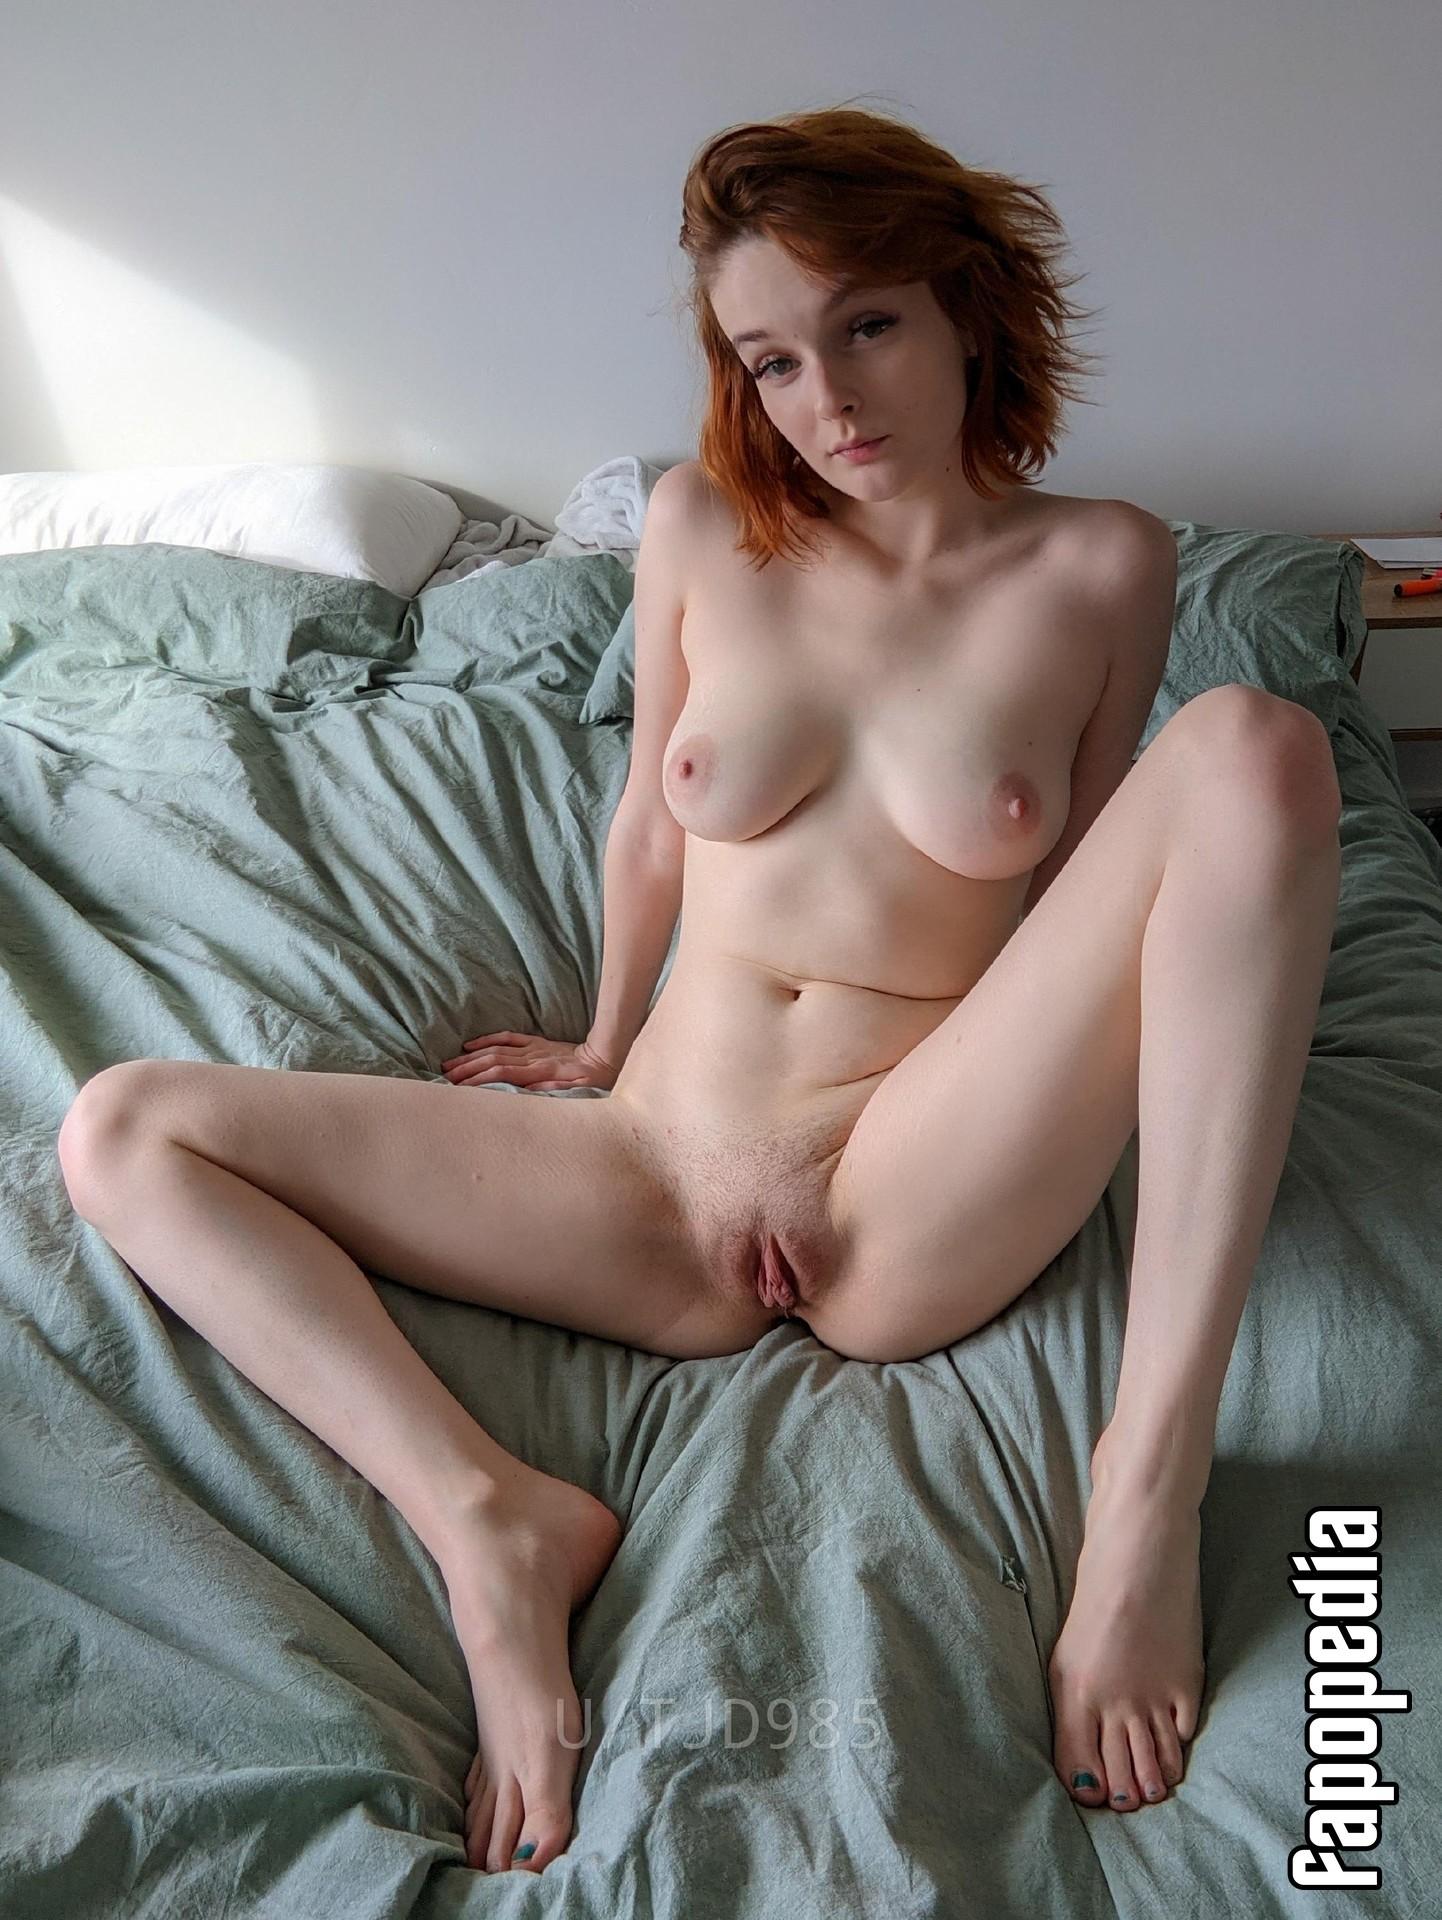 TJD985 Nude Leaks